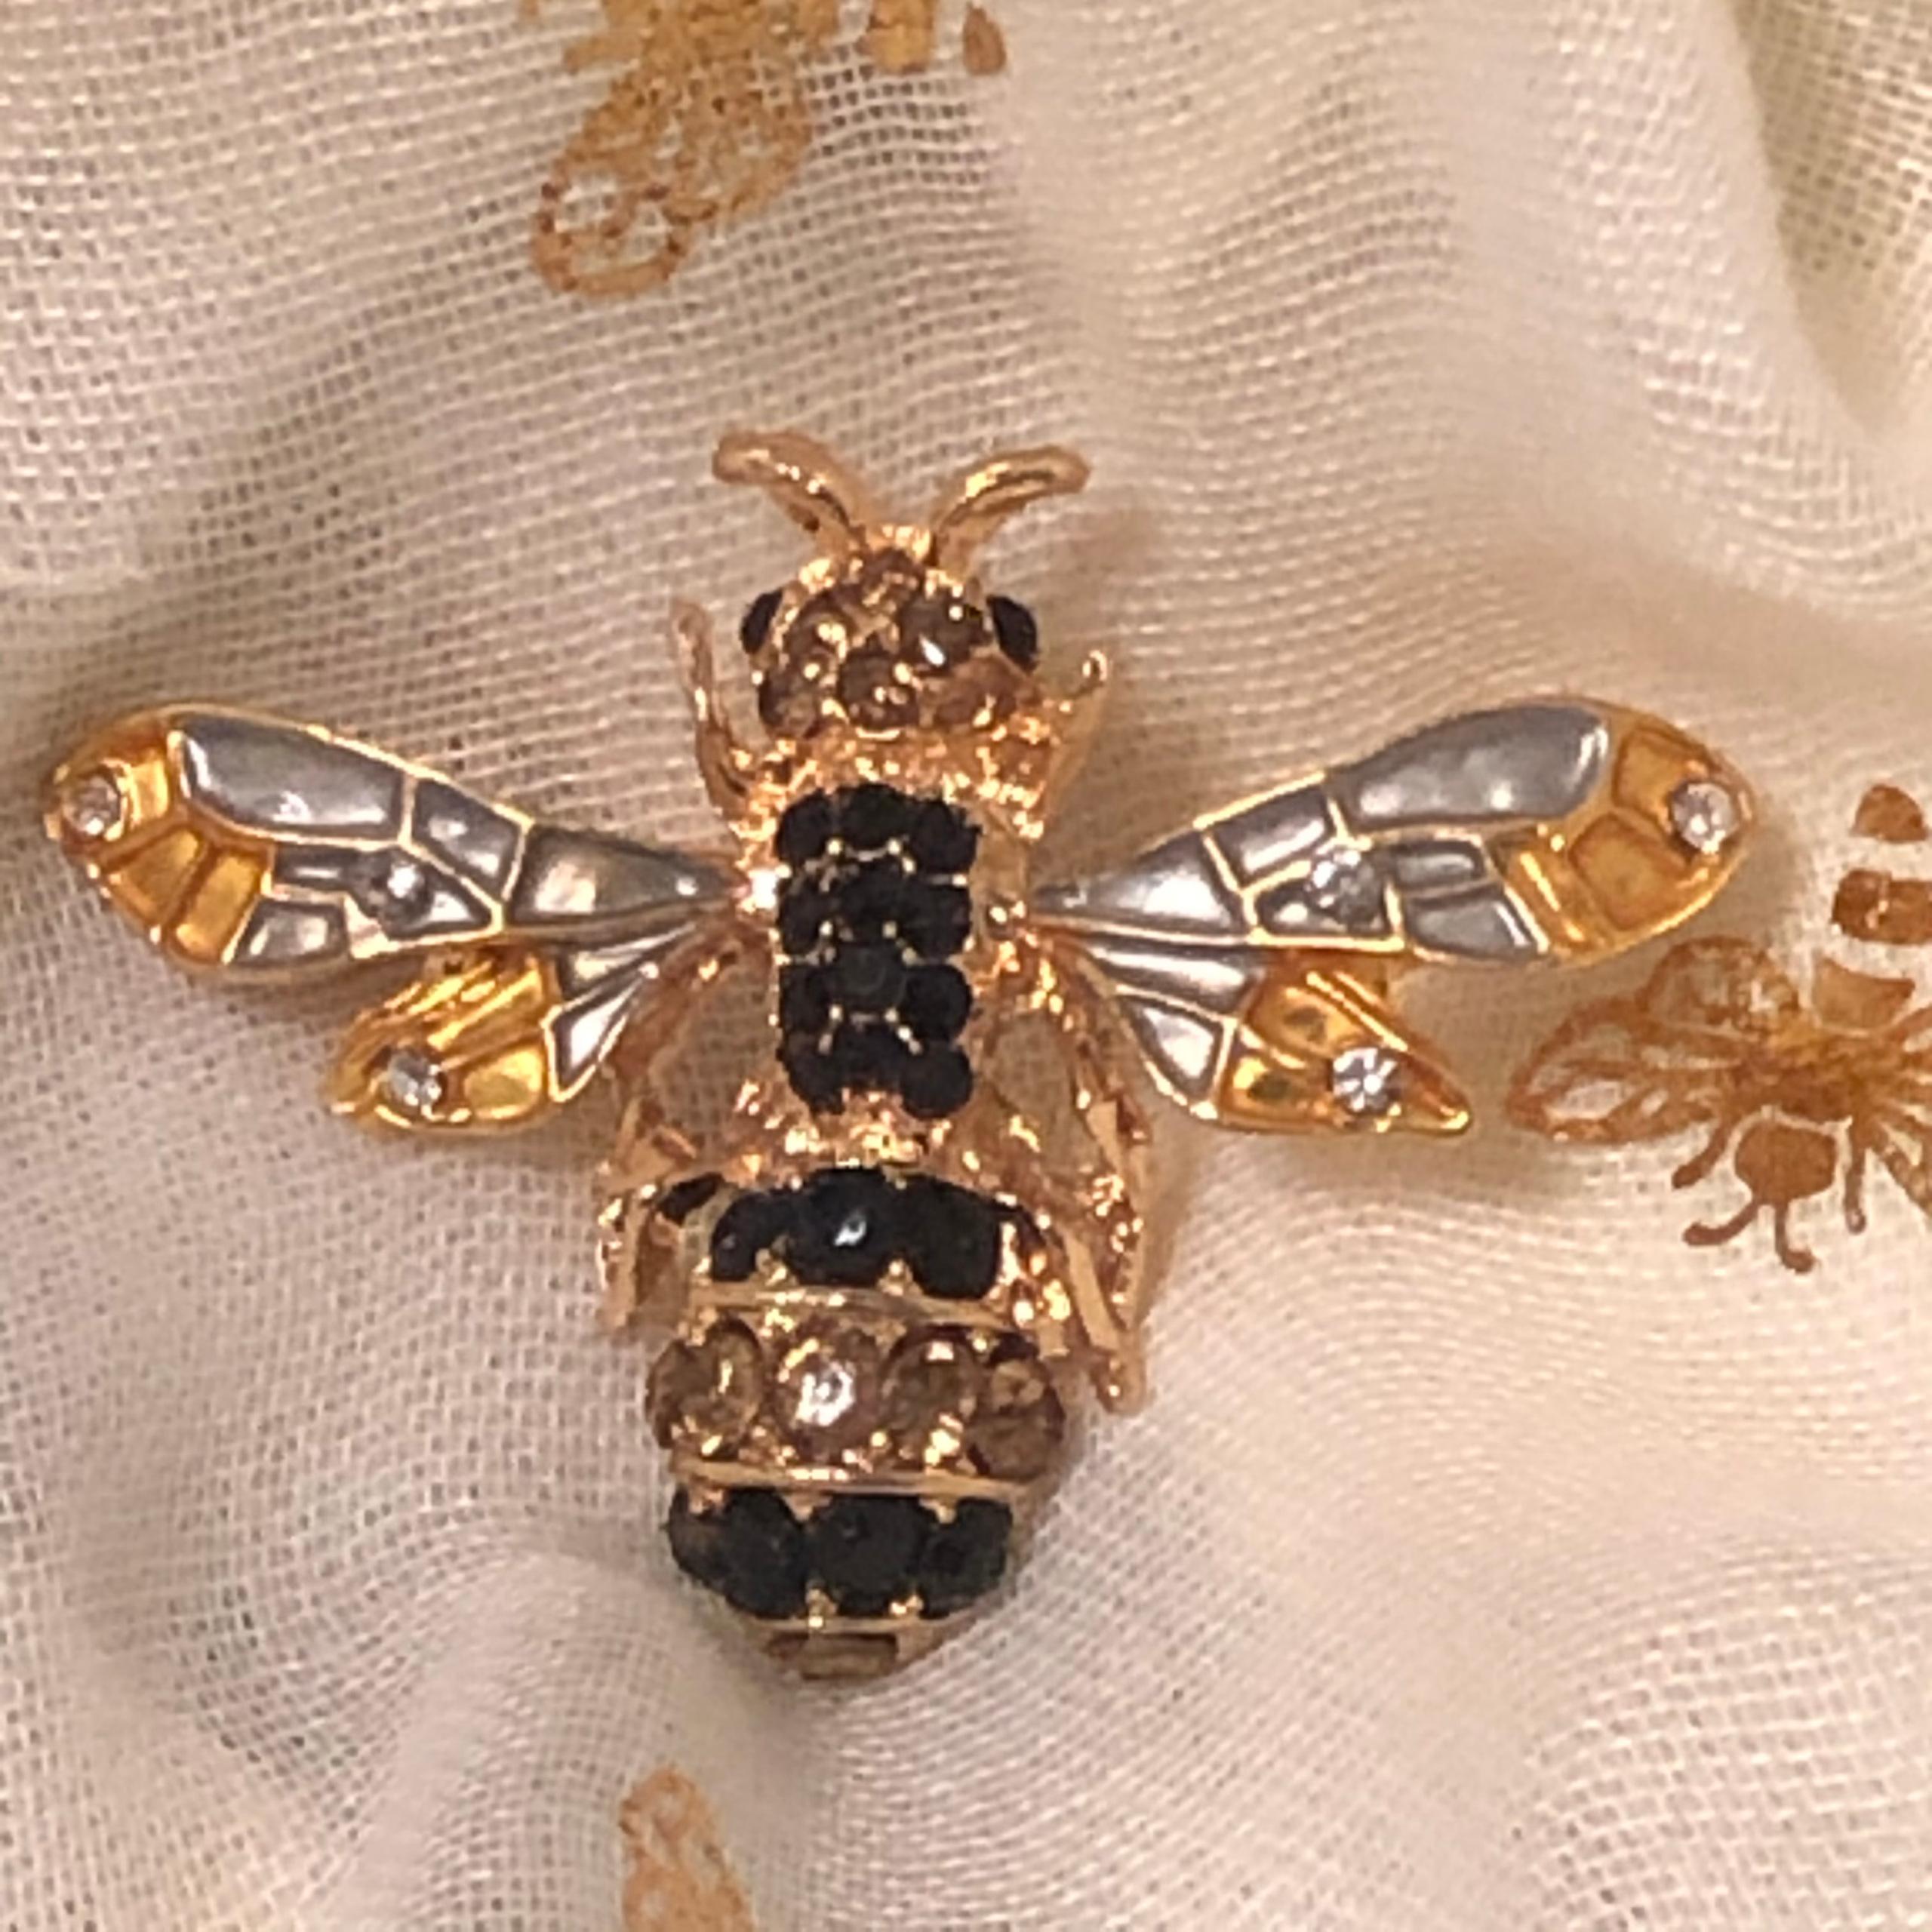 Burt Bee Pin